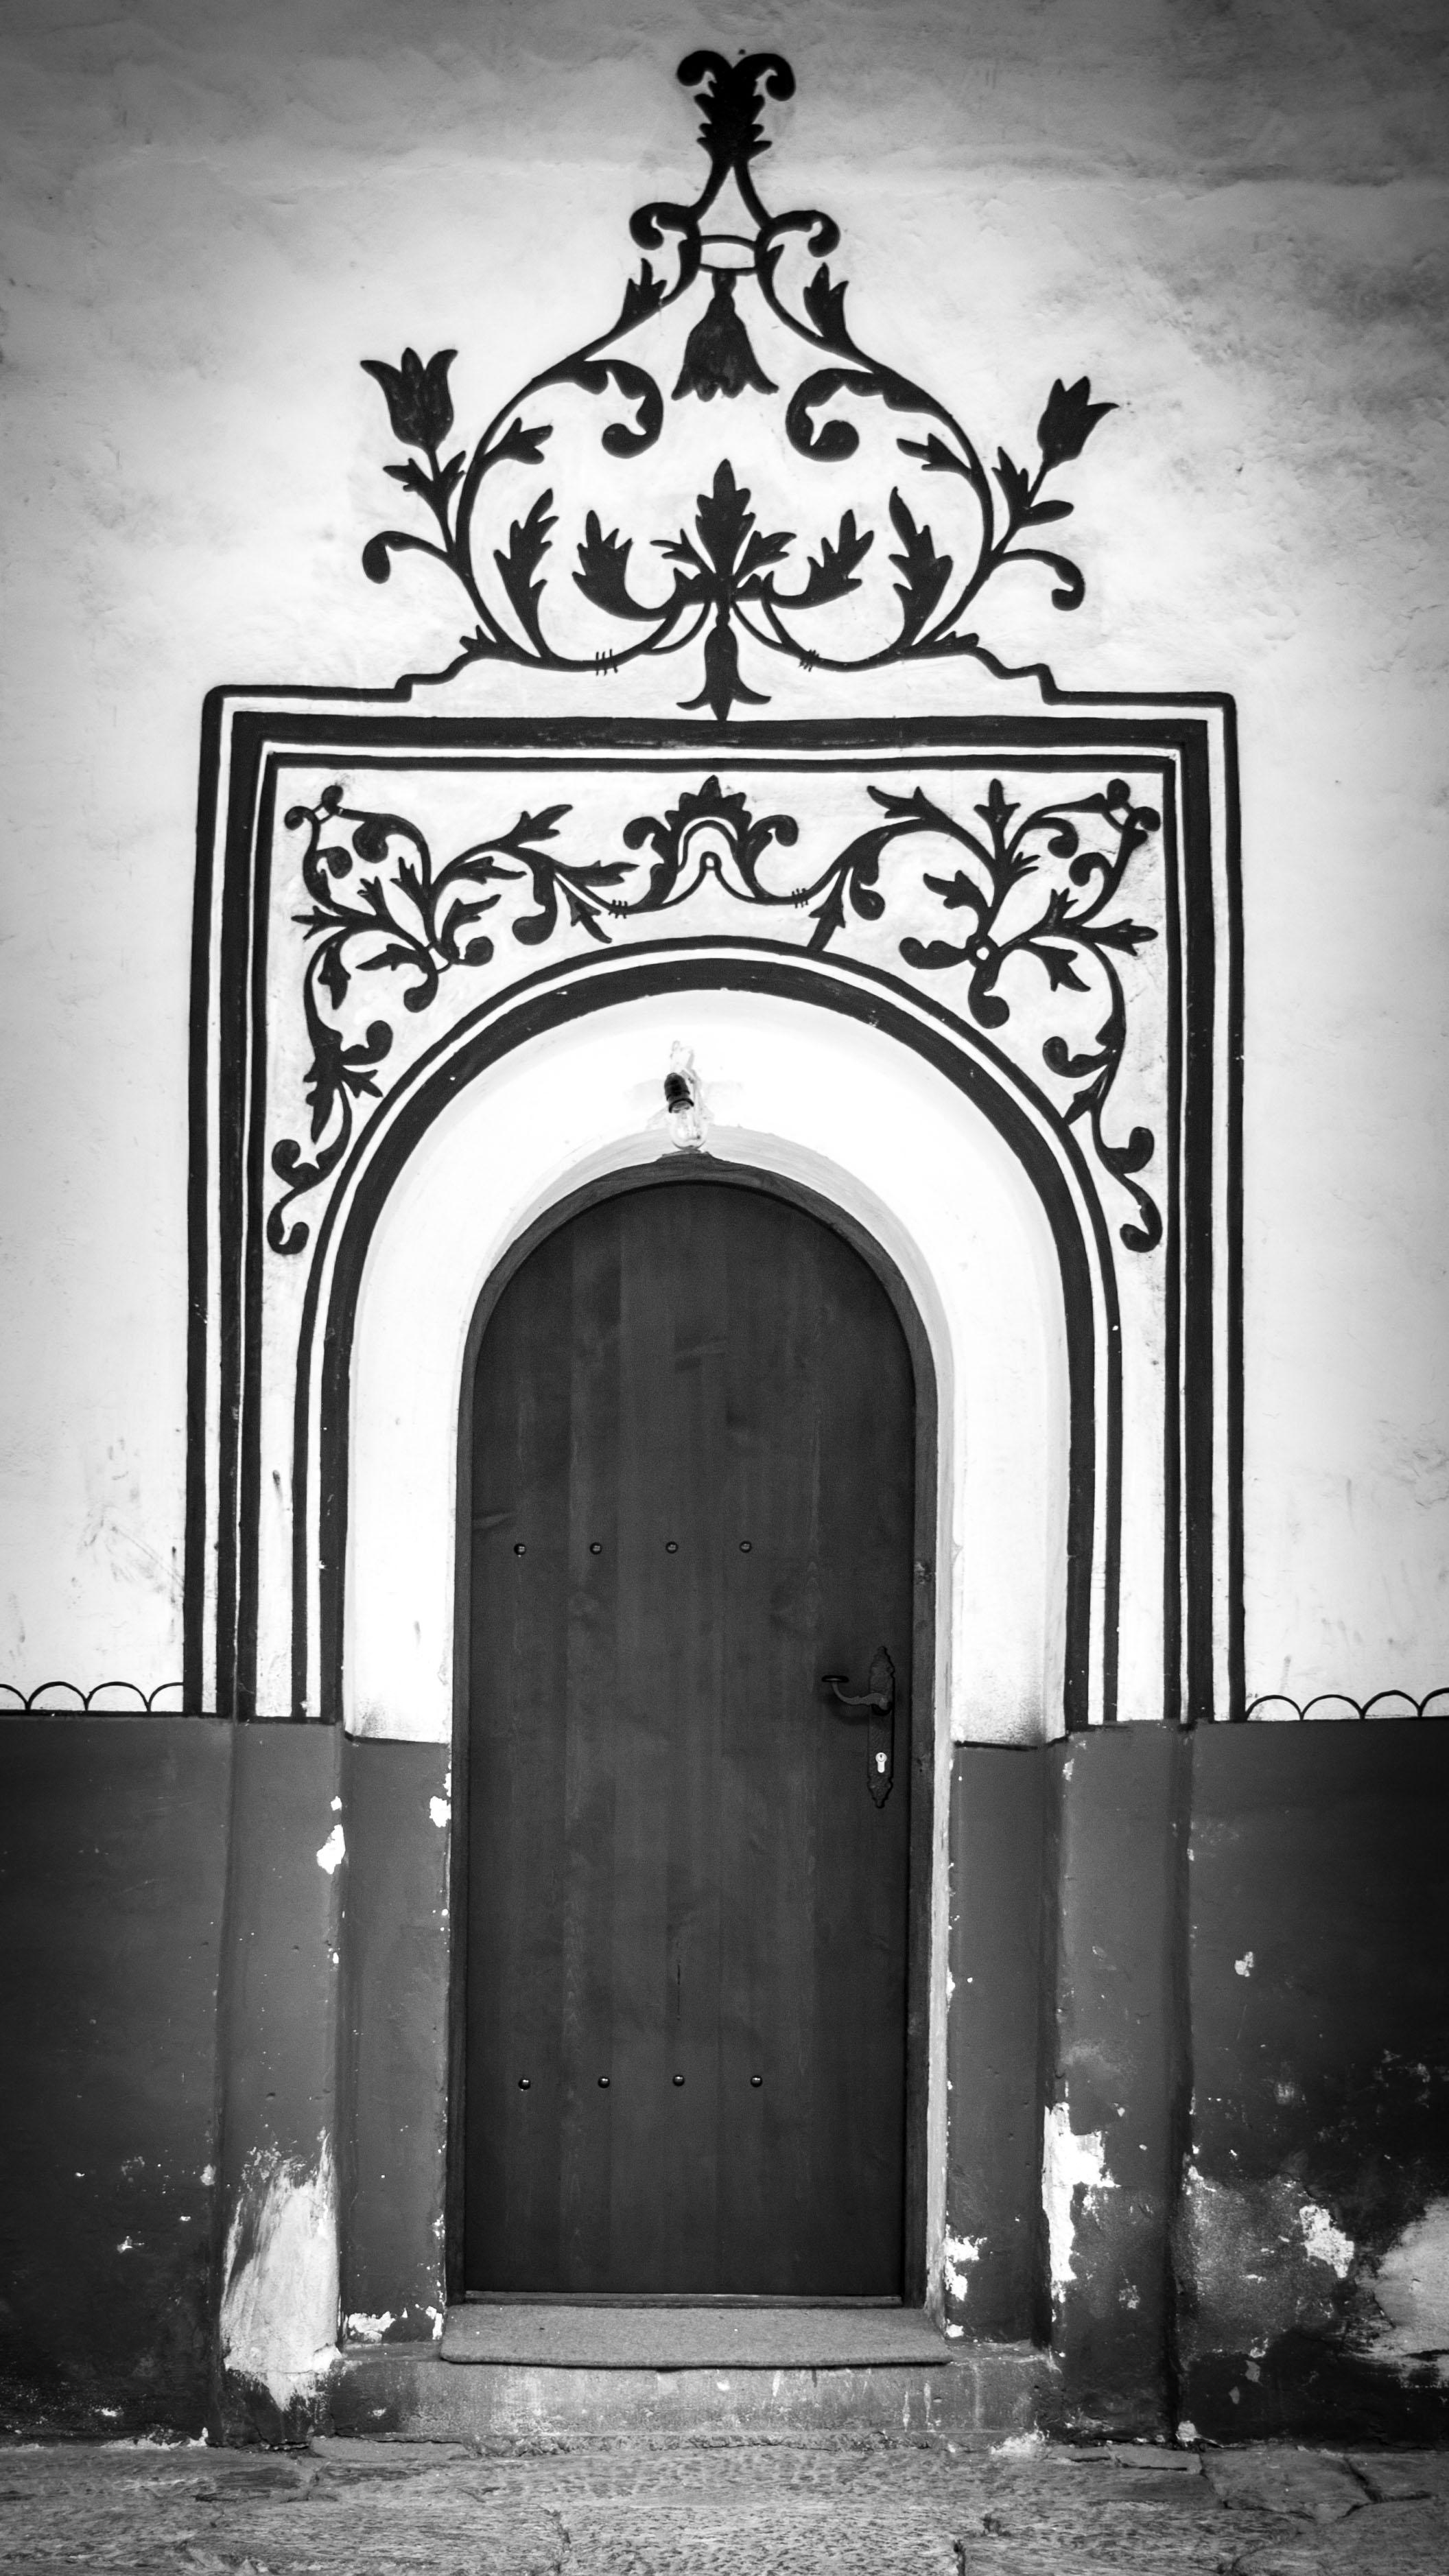 bulgaria_door_bw.jpg